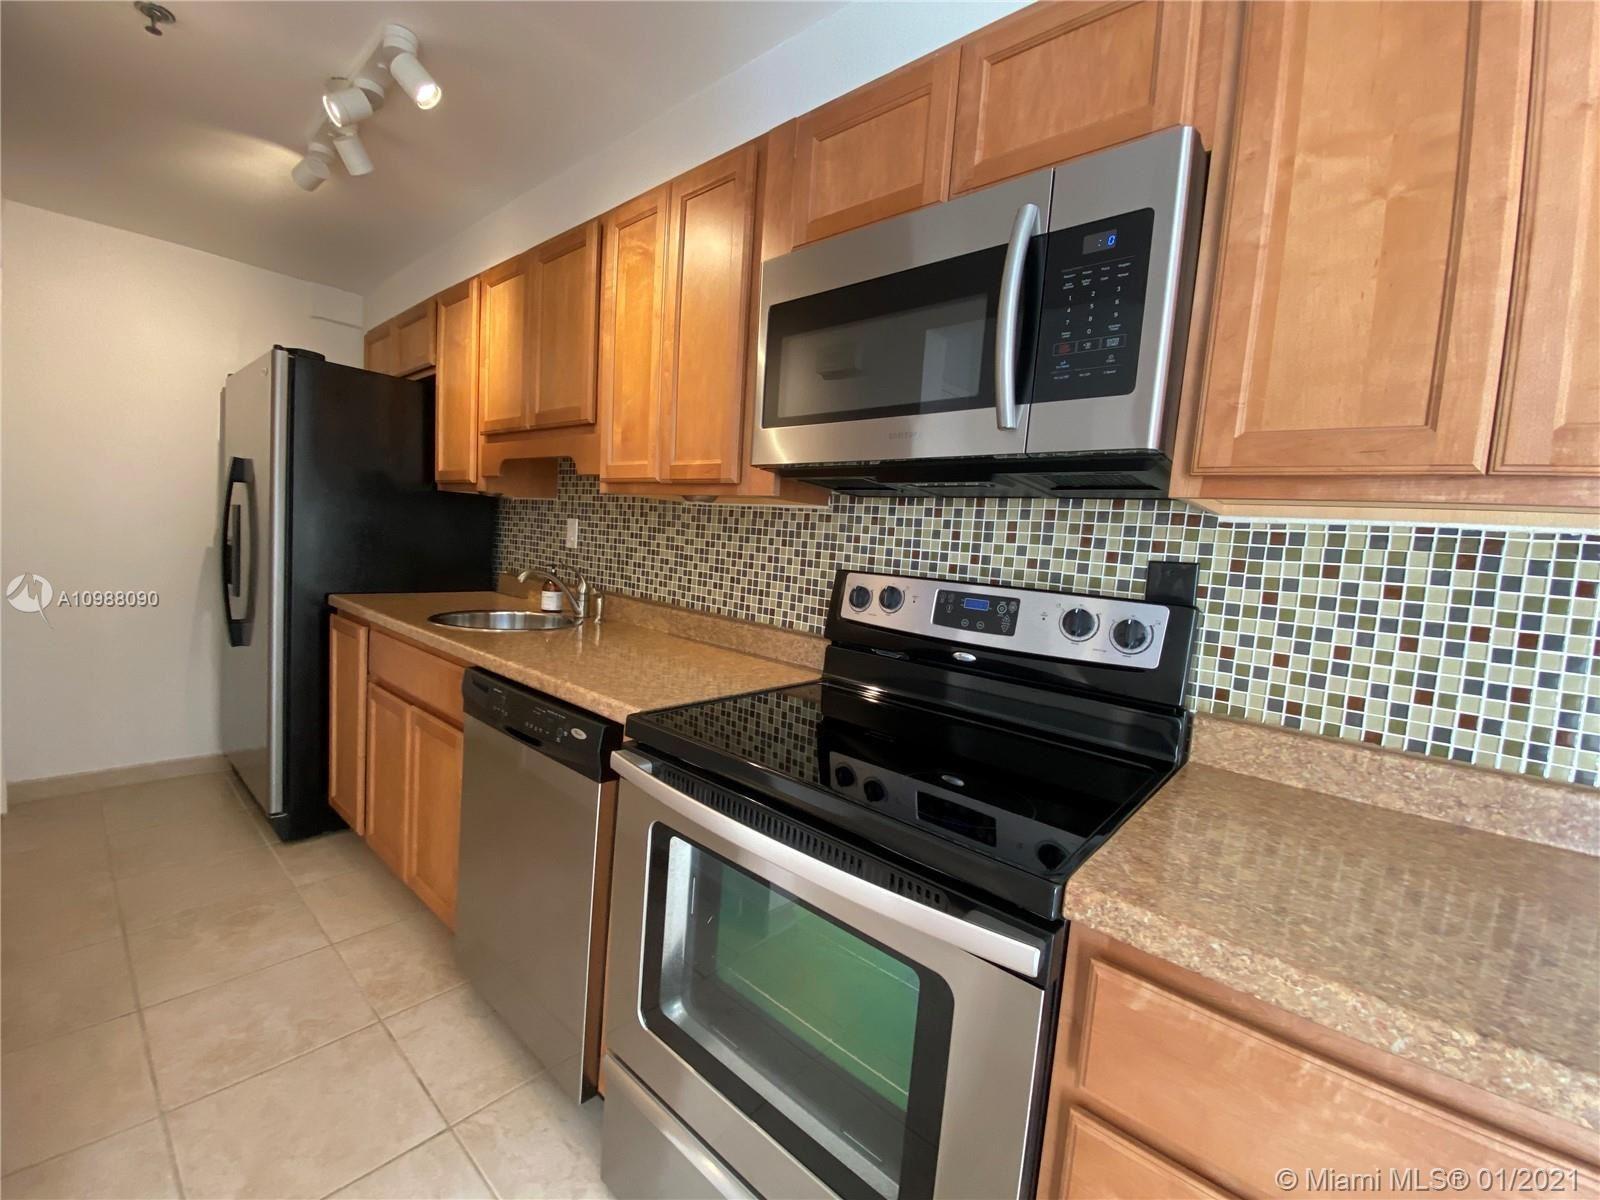 1255 Collins Ave #408, Miami Beach, FL 33139 - #: A10988090